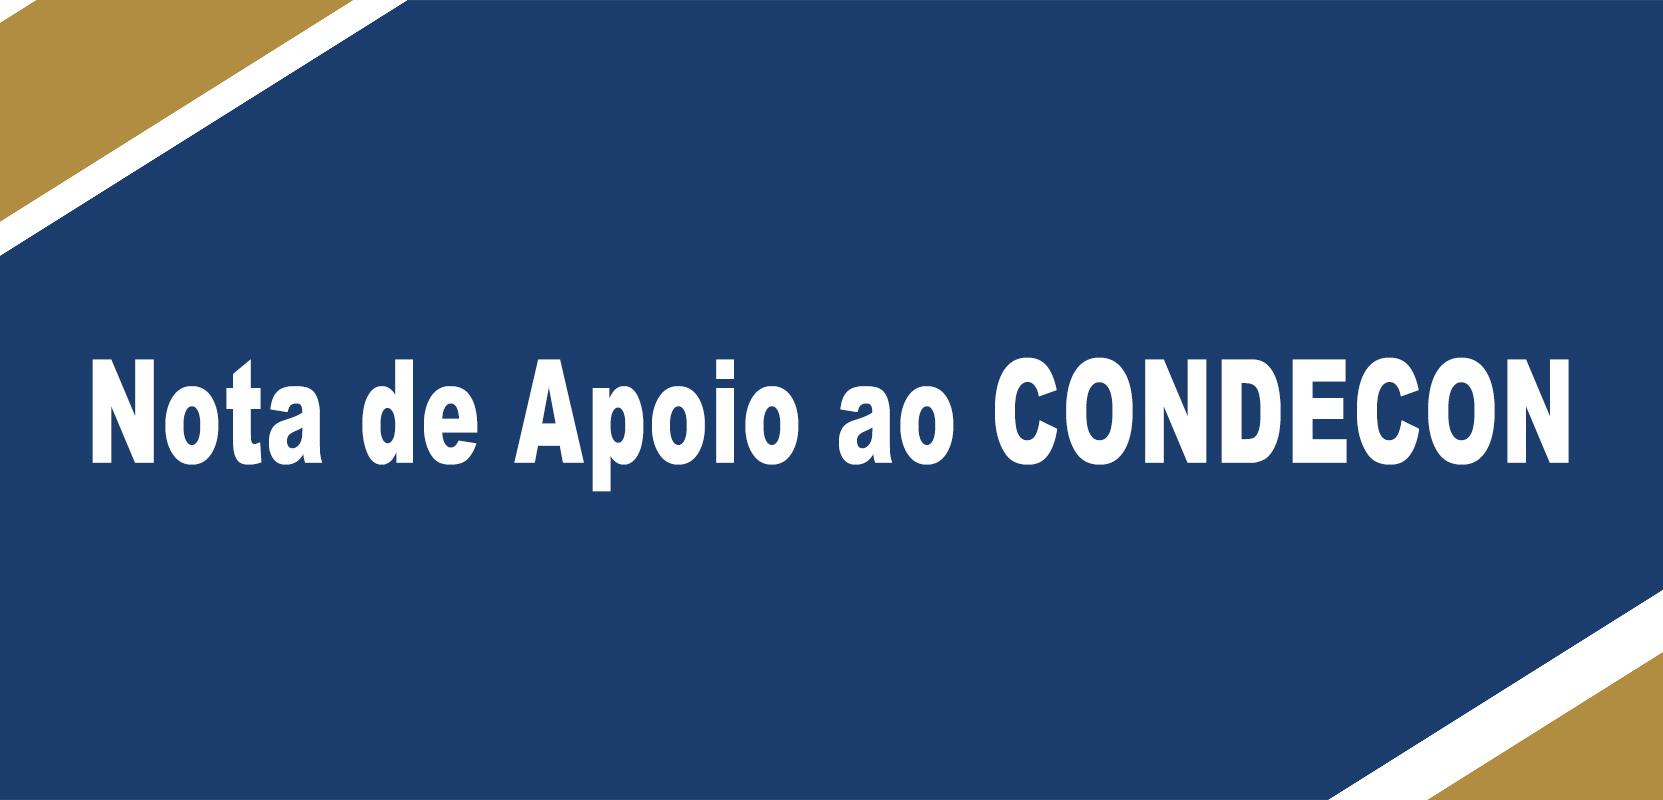 Nota de apoio do CONDECON